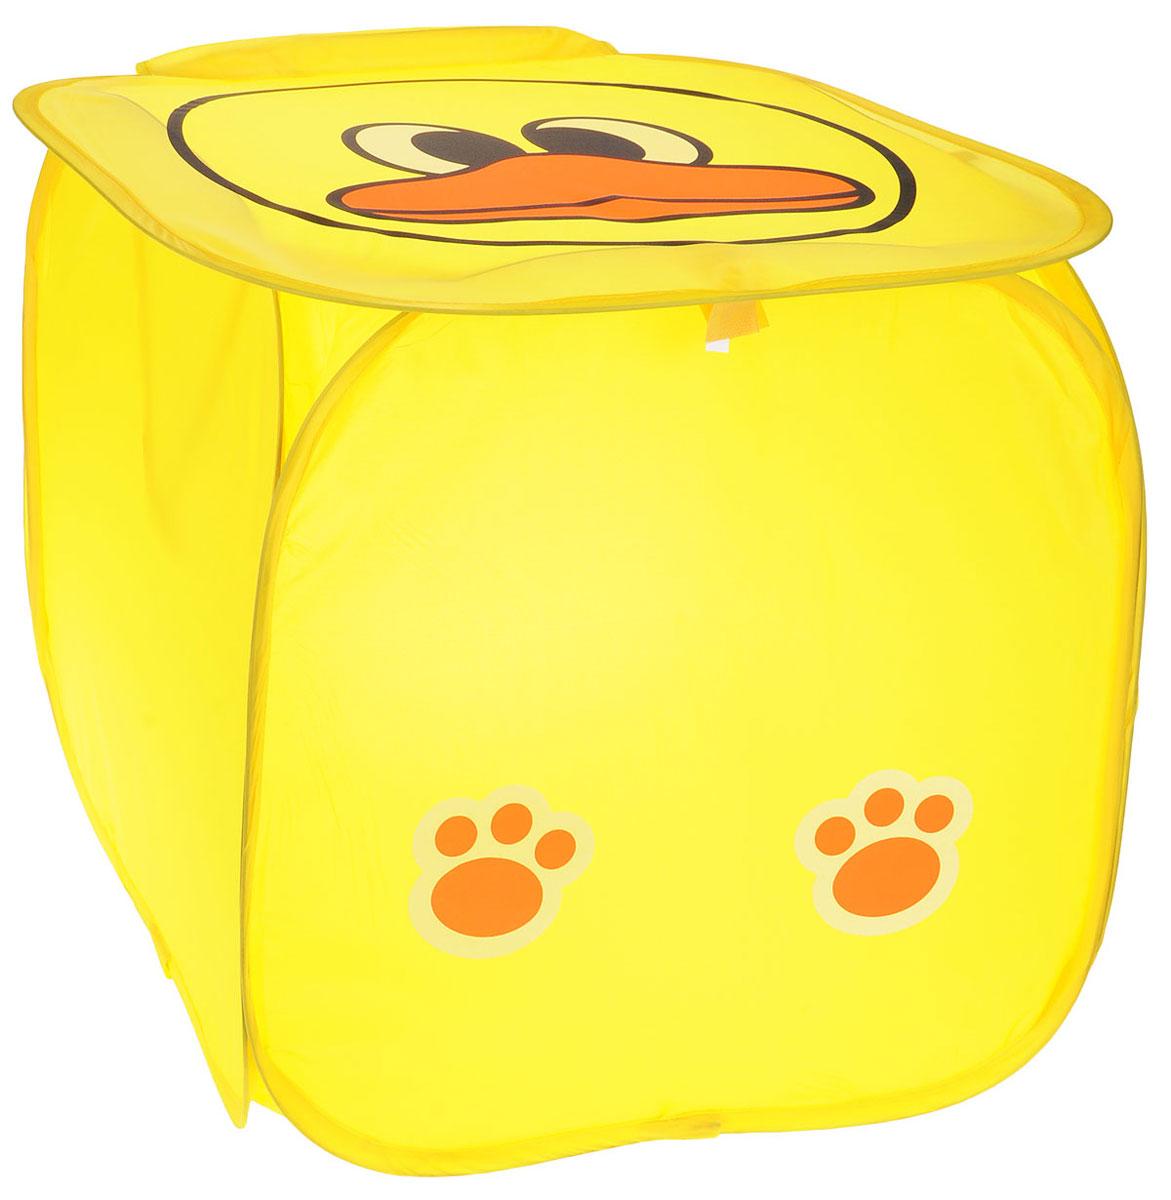 NEW COMMODITY Корзина для игрушек УточкаR4021Ящик для хранения NEW COMMODITY Уточка поможет вам навести порядок в детской.Размер изделия позволяет хранить в нем игрушки, книжки или белье. Ящик легко складывается, когда в его использовании нет необходимости, тем самым сохраняя простор вашего дома.Это идеальный подарок для детей.